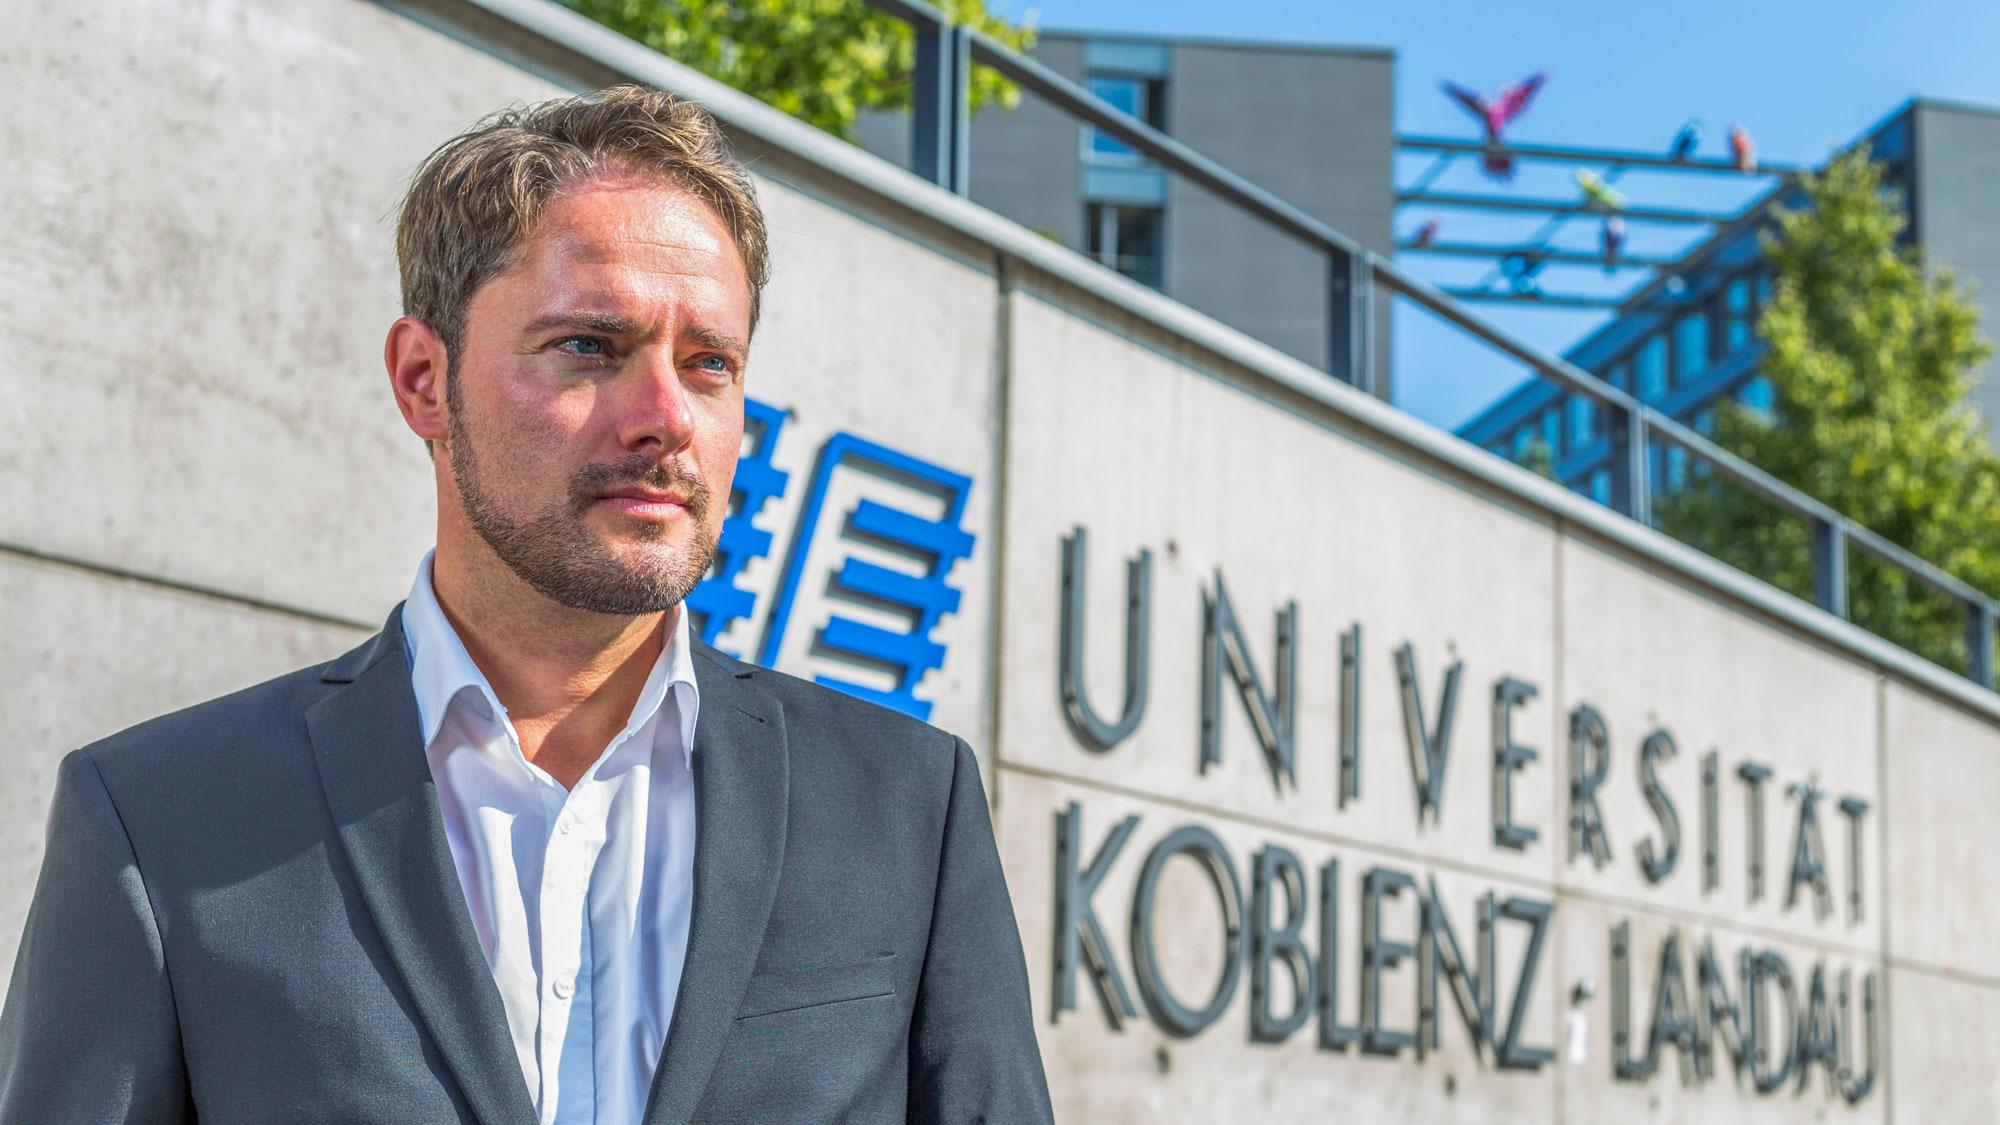 Martin Schwarz vor Universität Landau